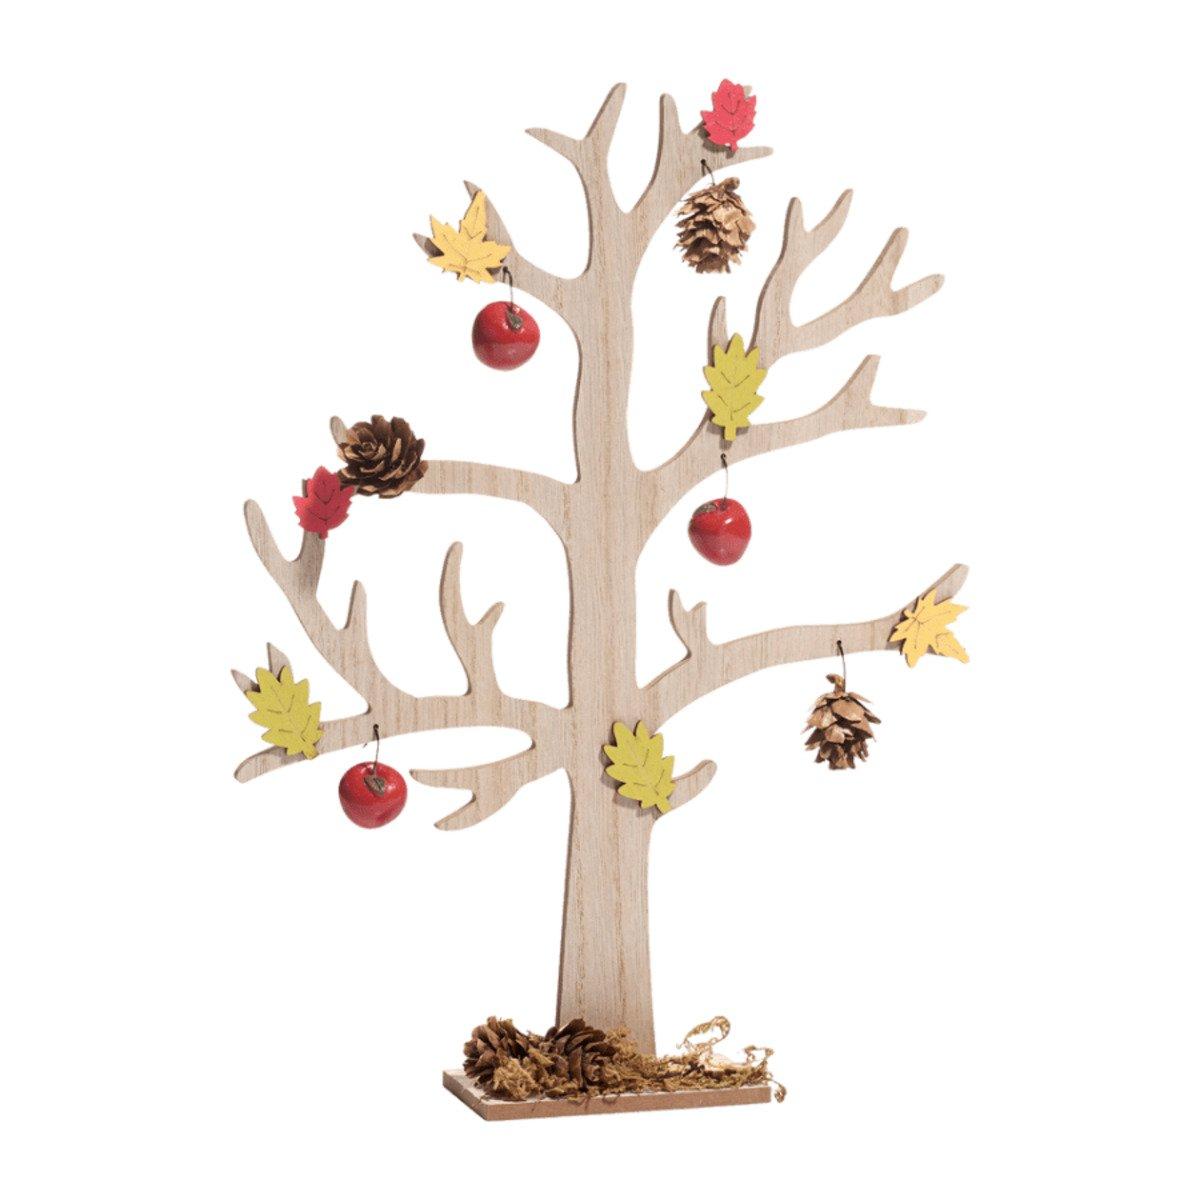 Bild 5 von LIVING ART     Holz-Herbstdekoration